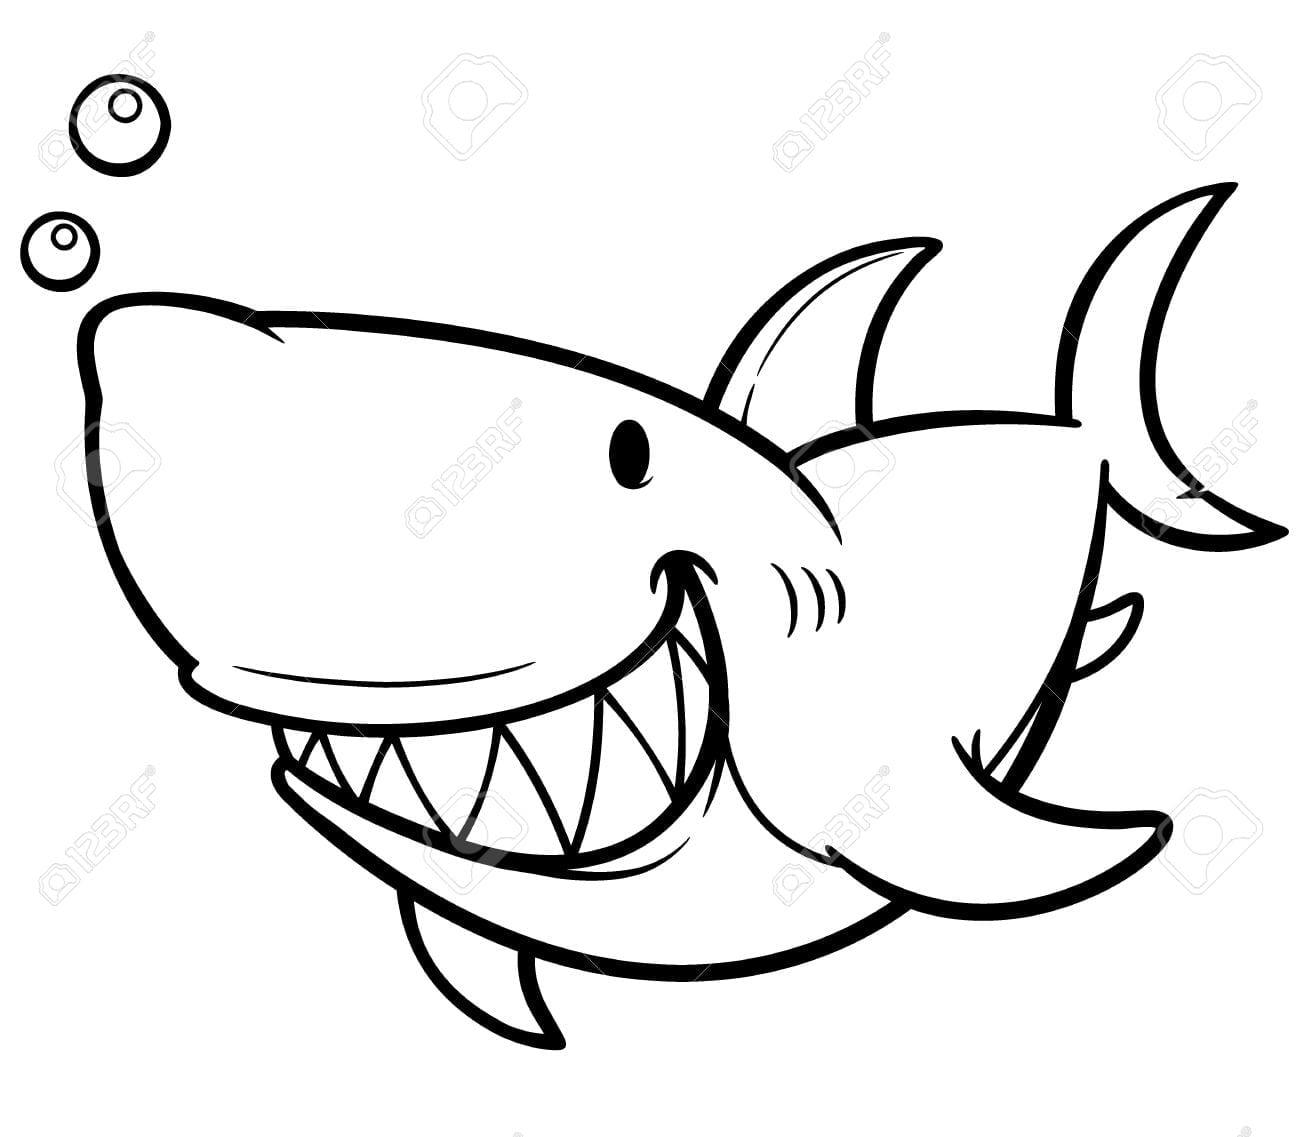 Vector Illustration Of Cartoon Shark